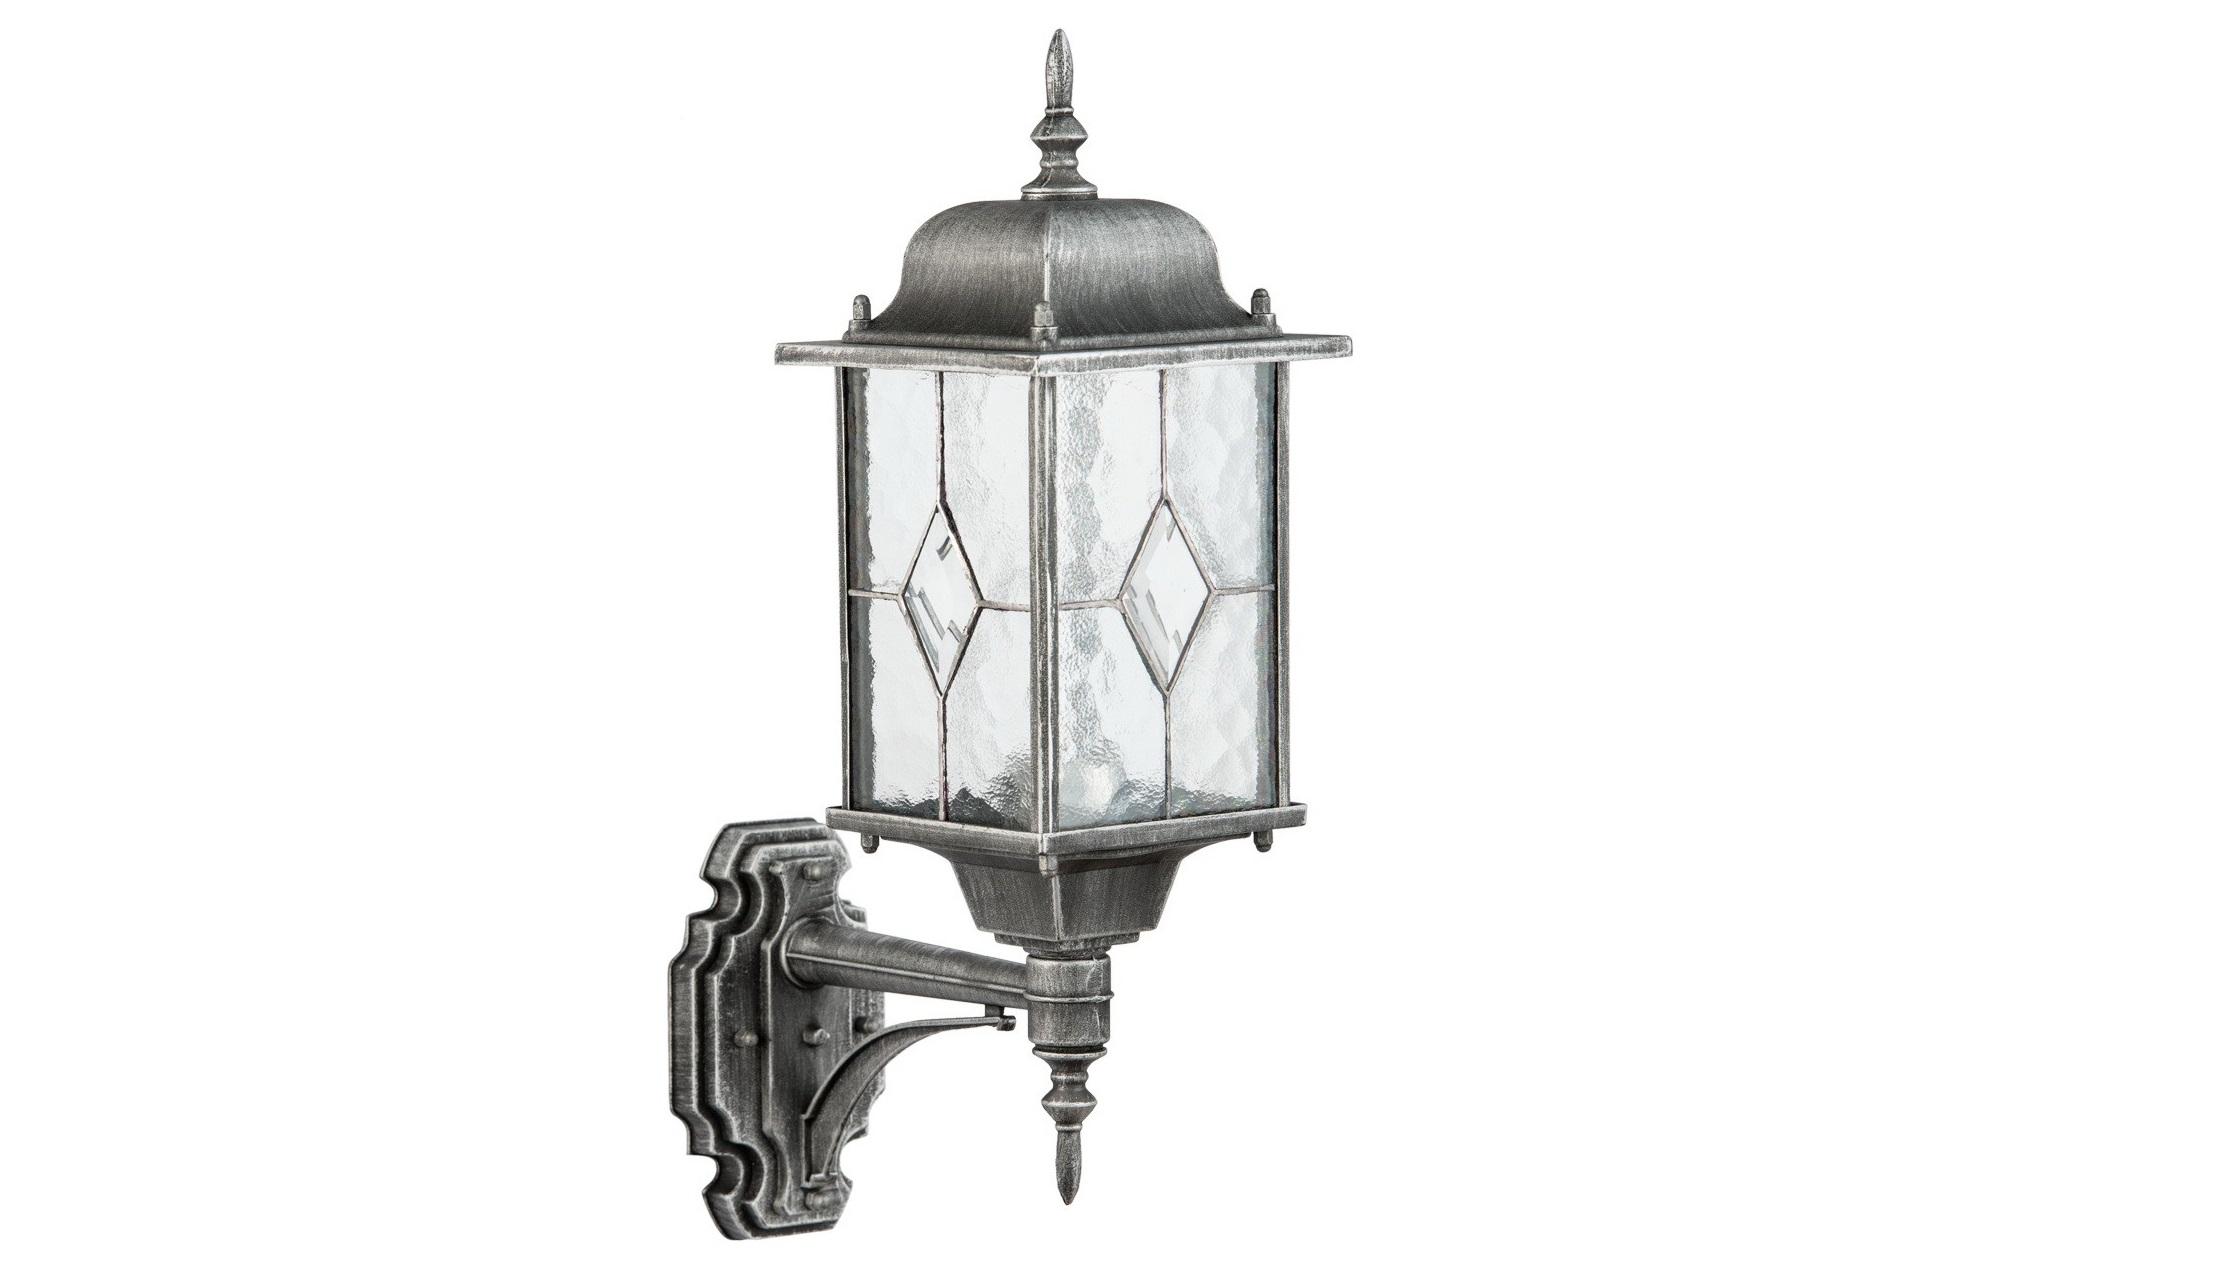 Уличный светильник БургосУличные настенные светильники<br>&amp;lt;div&amp;gt;Оригинальное витражное стекло в коллекции Бургос красиво преломляет лучи света, тем самым достойно украшая конструкцию светильников. Контуры алюминиевого литого основания чёрного цвета декорированы модной серебряной патиной. Благодаря лёгкости металлической конструкции и интересному дизайну, светильник отлично впишется в экстерьер любого природного ландшафта.&amp;lt;/div&amp;gt;&amp;lt;div&amp;gt;Основание из литого алюминия черного цвета, декорированное серебряной патиной, плафоны &amp;amp;nbsp;- витражное стекло.&amp;lt;/div&amp;gt;&amp;lt;div&amp;gt;&amp;lt;br&amp;gt;&amp;lt;/div&amp;gt;&amp;lt;div&amp;gt;Мощность 1*95W&amp;lt;/div&amp;gt;&amp;lt;div&amp;gt;Цоколь E27&amp;lt;/div&amp;gt;&amp;lt;div&amp;gt;Степень защиты светильников от пыли и влаги IP 44&amp;lt;/div&amp;gt;<br><br>Material: Алюминий<br>Length см: None<br>Width см: 16<br>Depth см: 29<br>Height см: 48